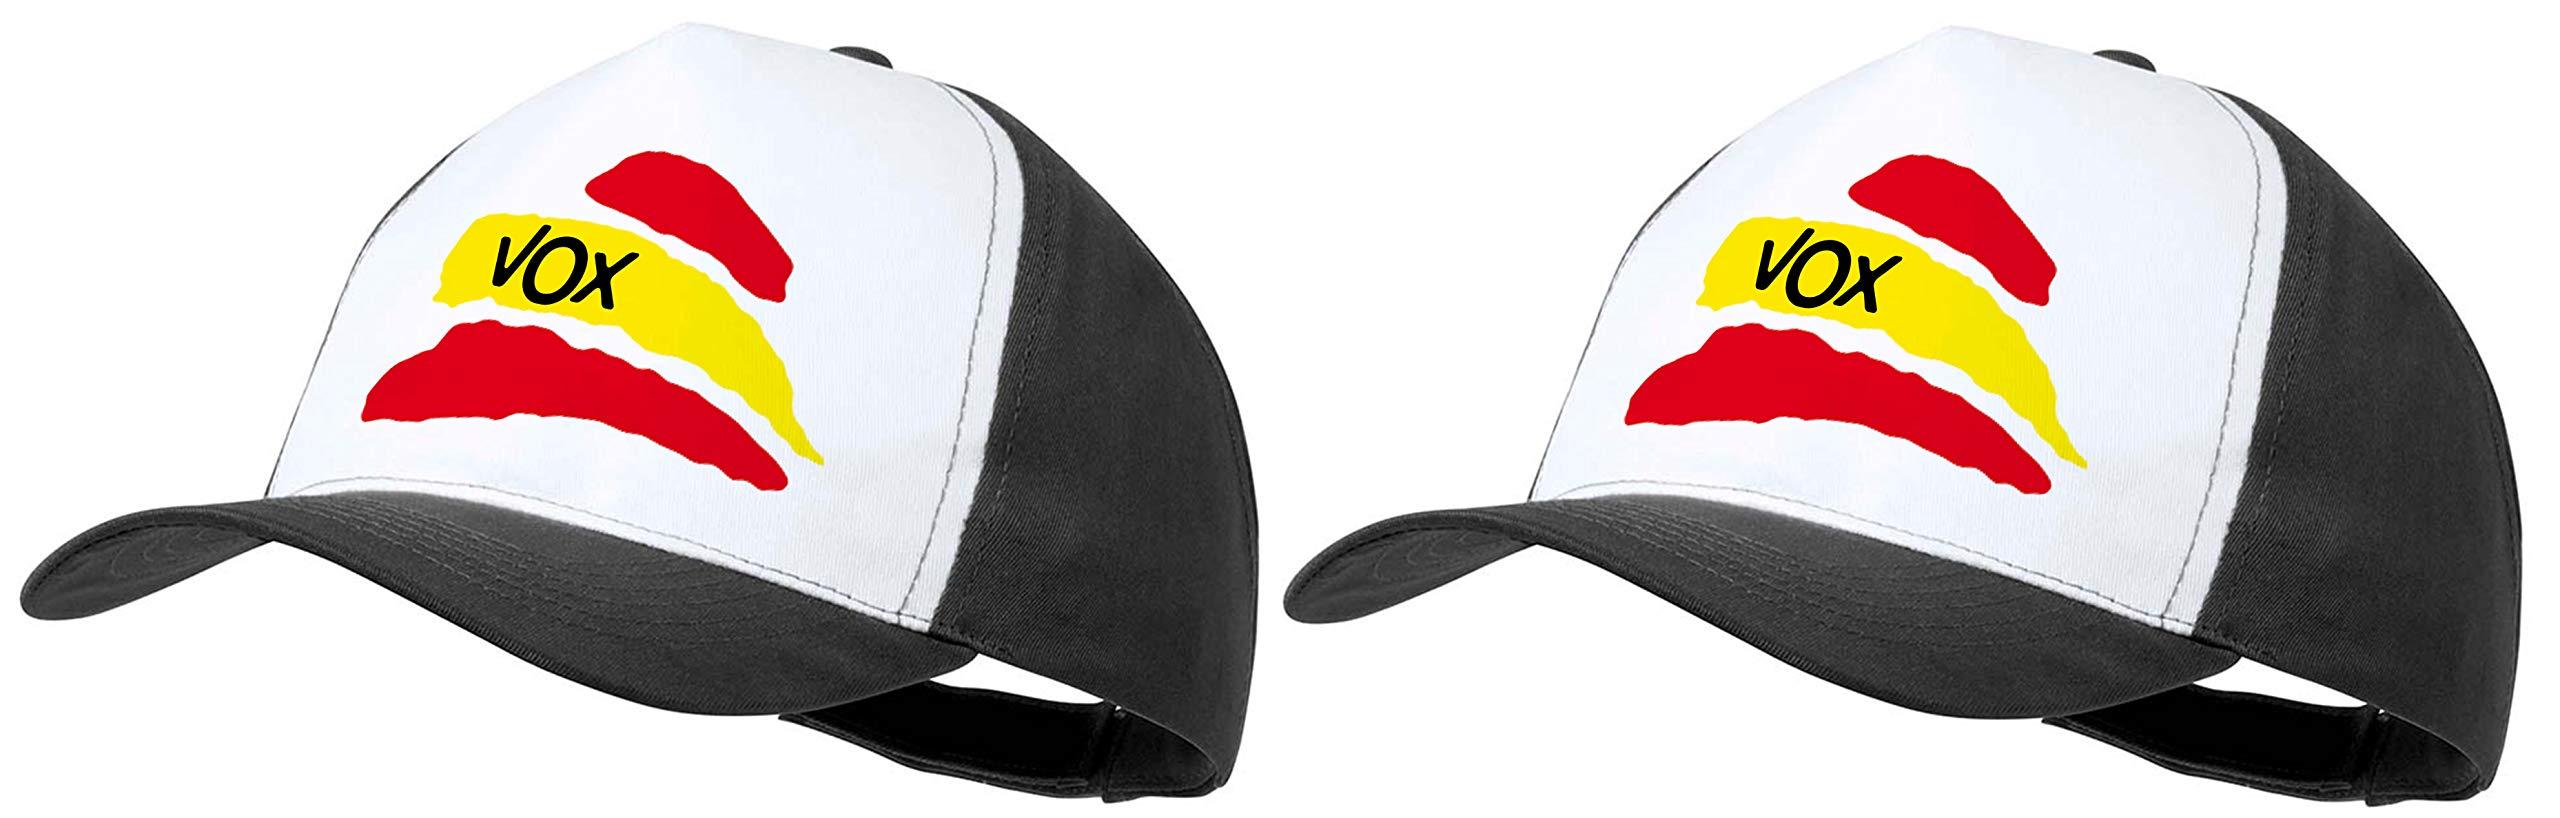 MERCHANDMANIA Pack 2 Gorras Negras Partido VOX Bandera ESPAÑOLA Cap: Amazon.es: Deportes y aire libre